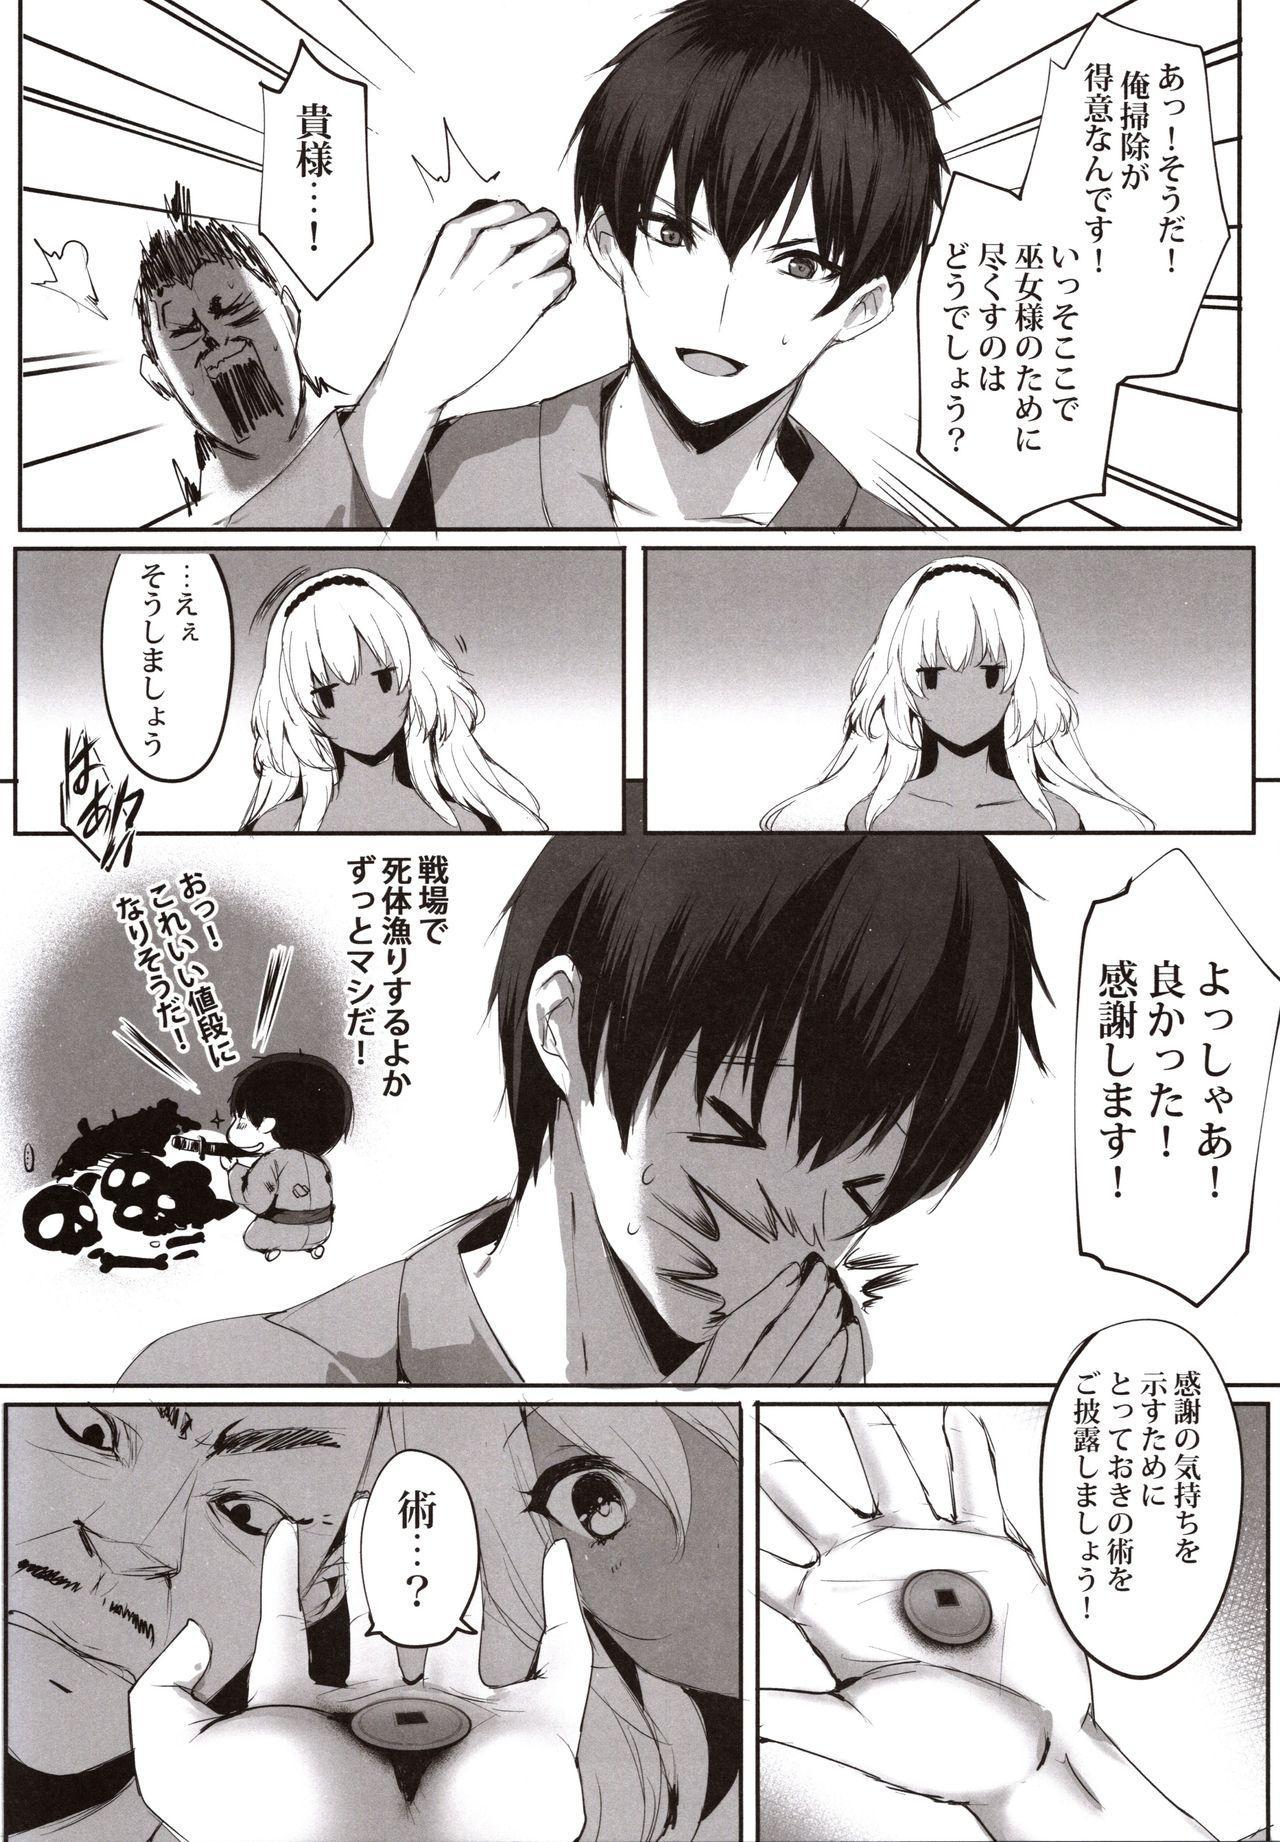 Hebigami no Miko Ni 9